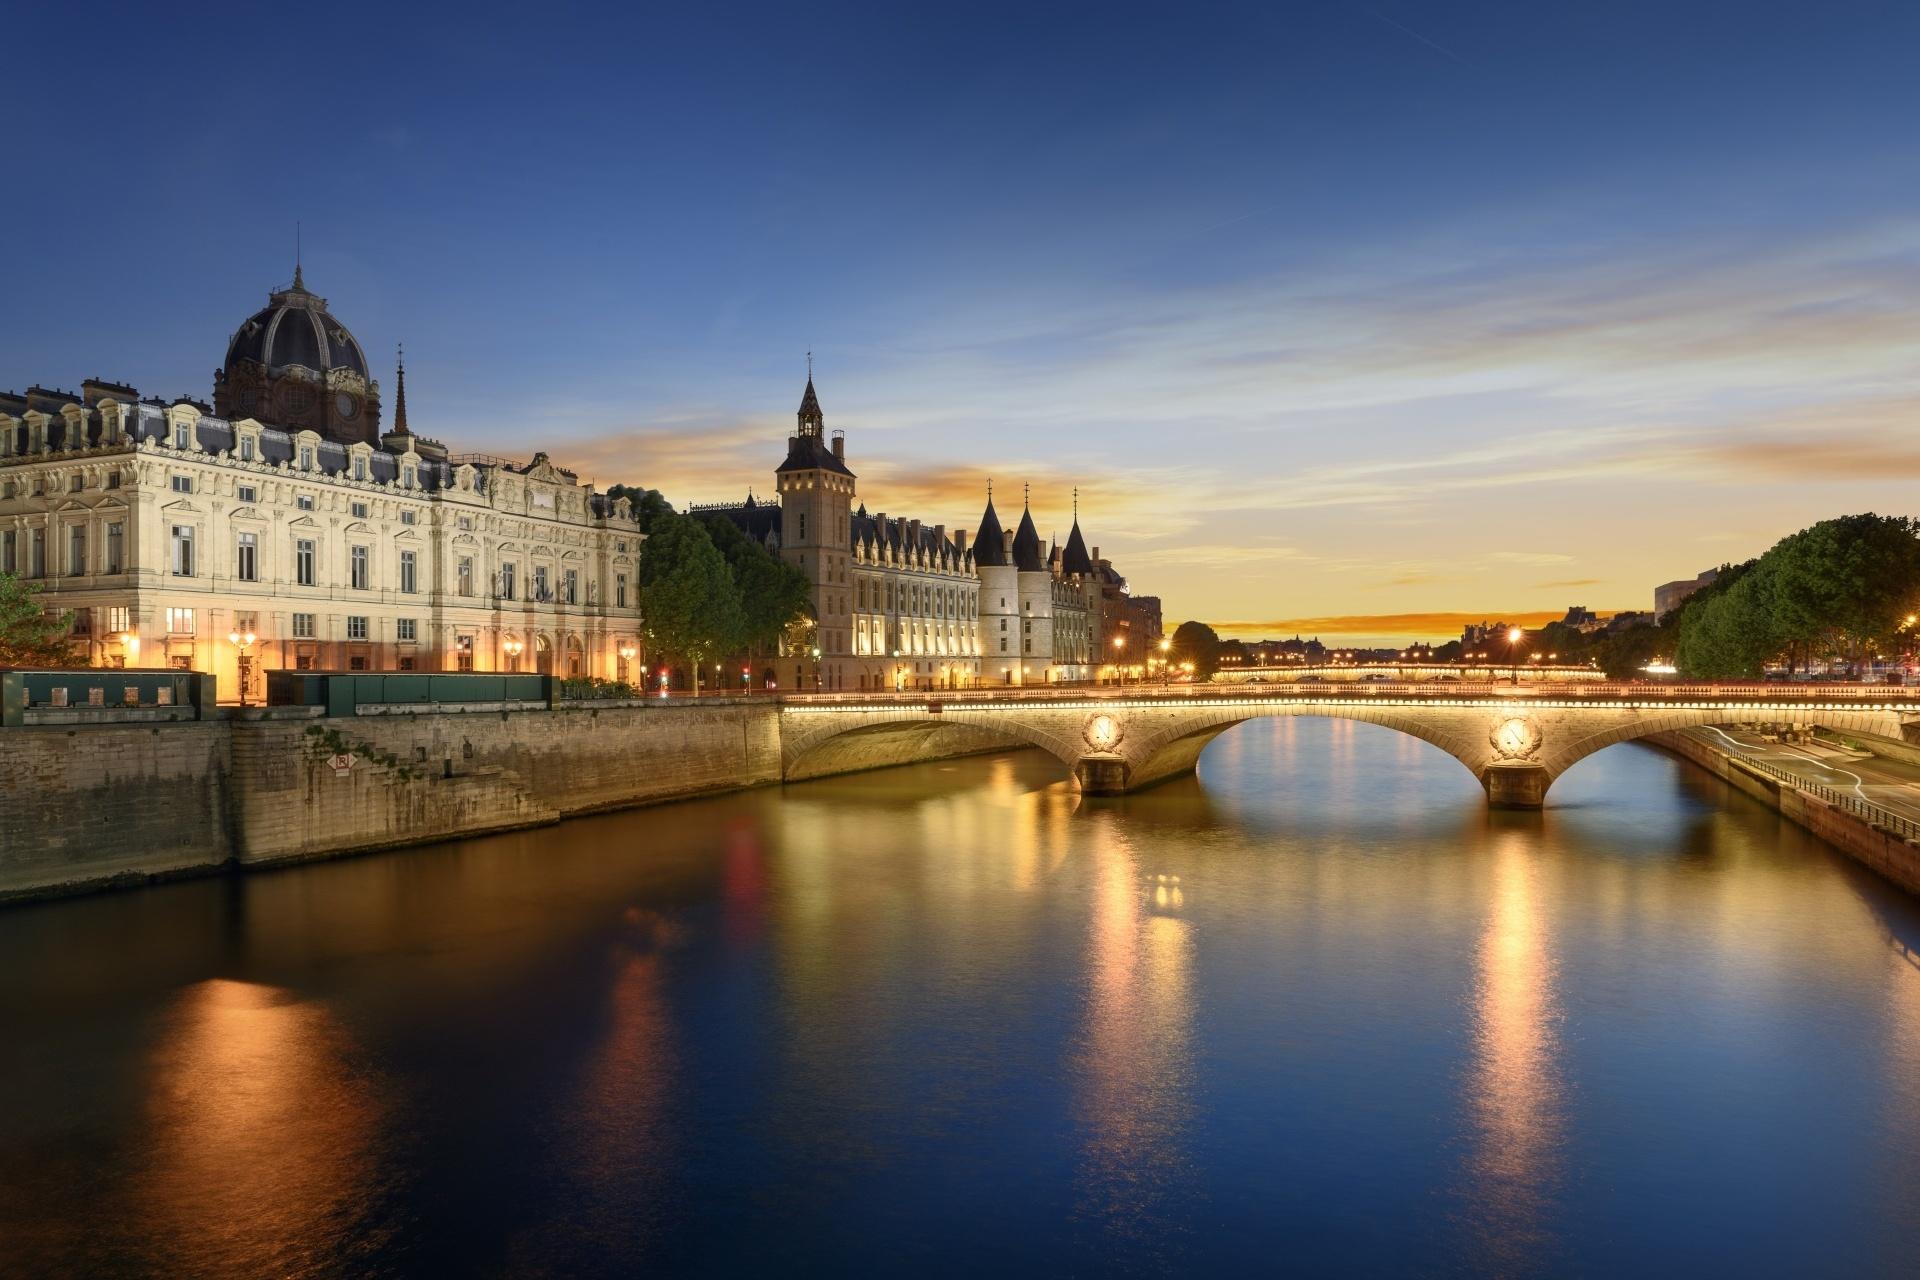 夕暮れのポン・ヌフとセーヌ川 パリの夕景 フランスの風景